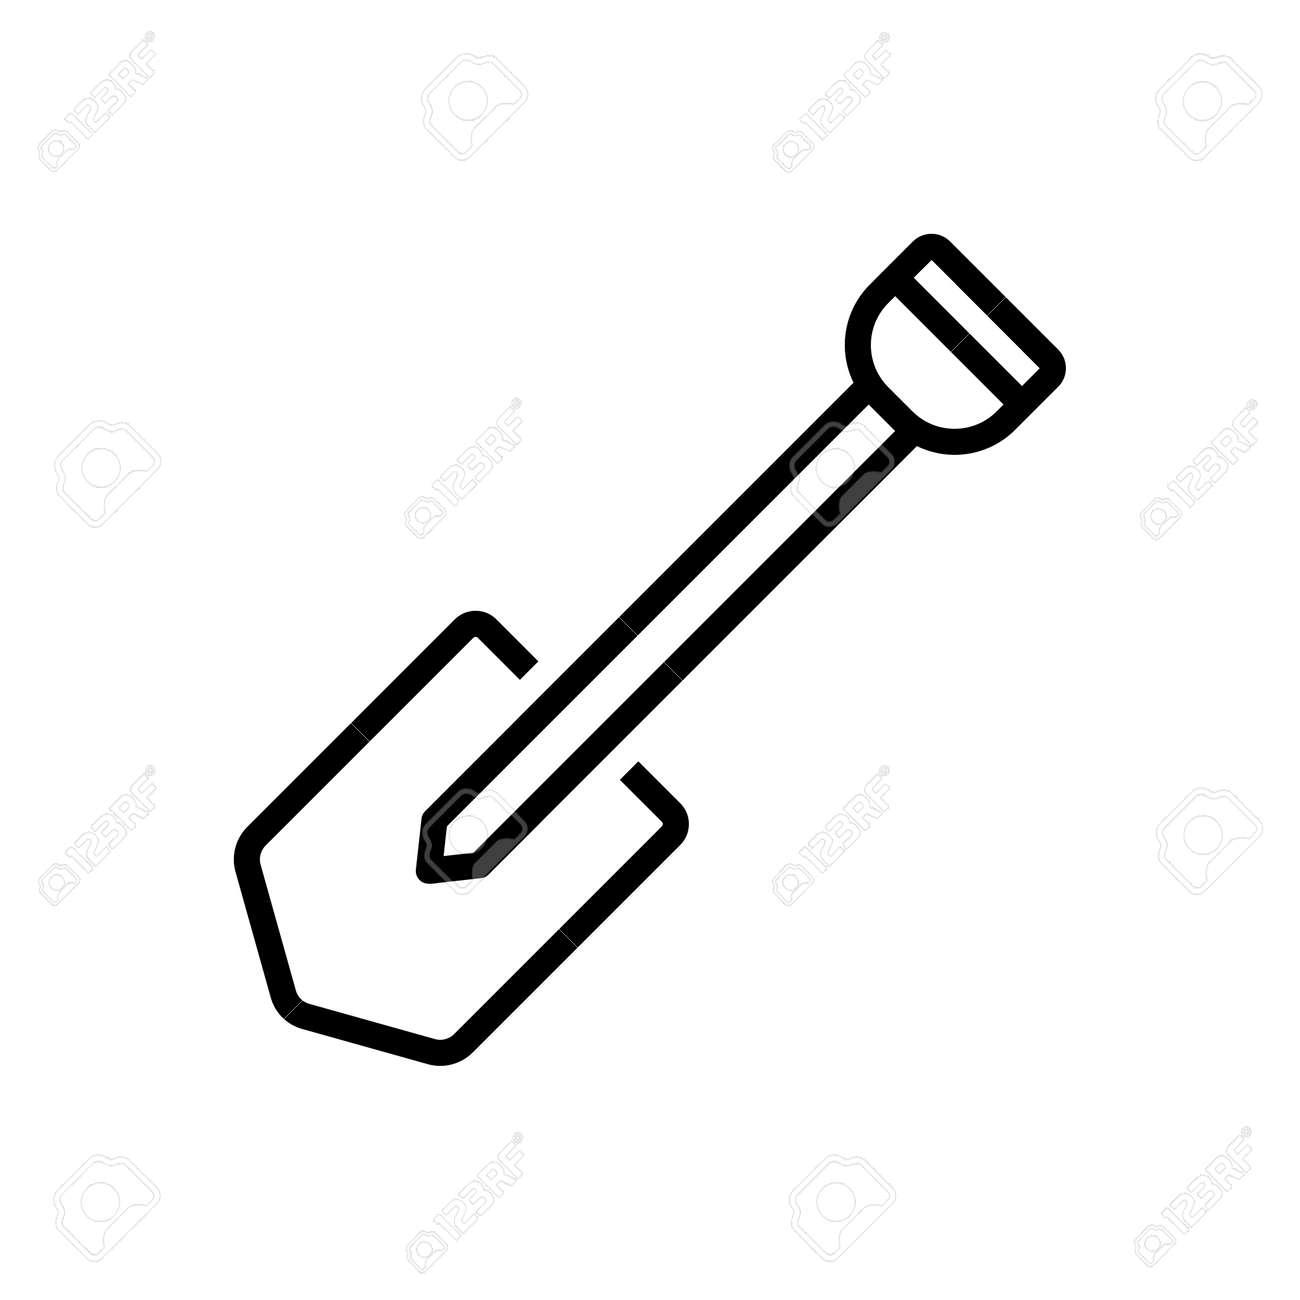 Icon for shovel,spade - 172206651